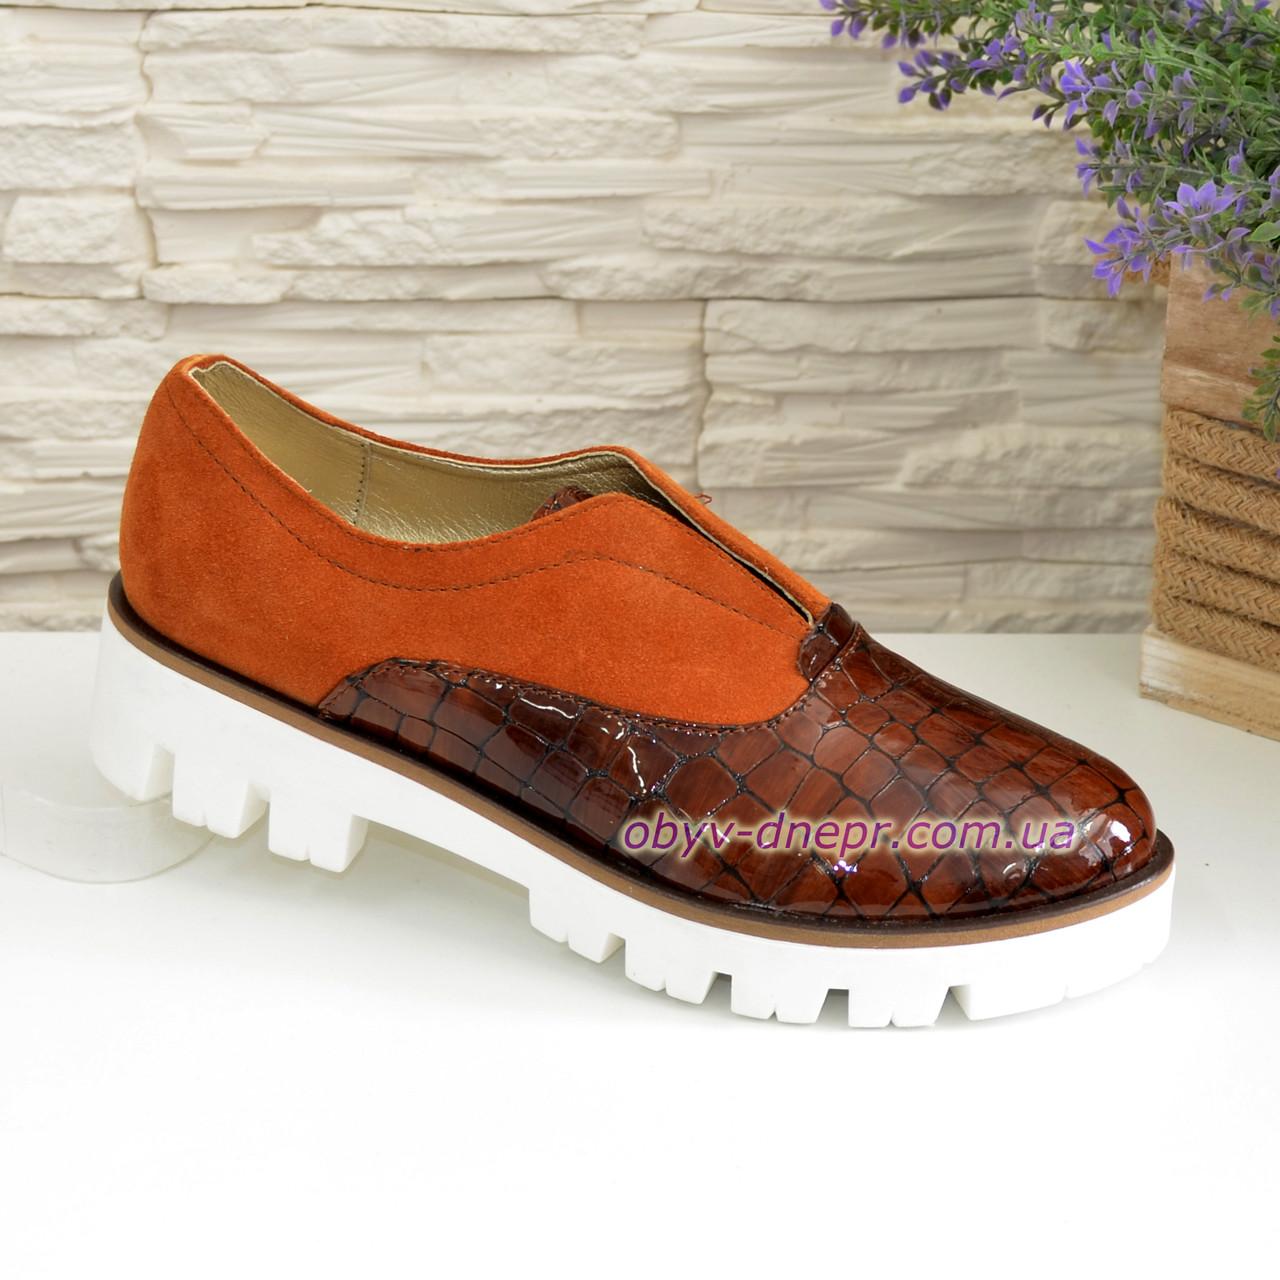 Женские туфли на утолщенной подошве, рыжая замша и кожа рептилия.